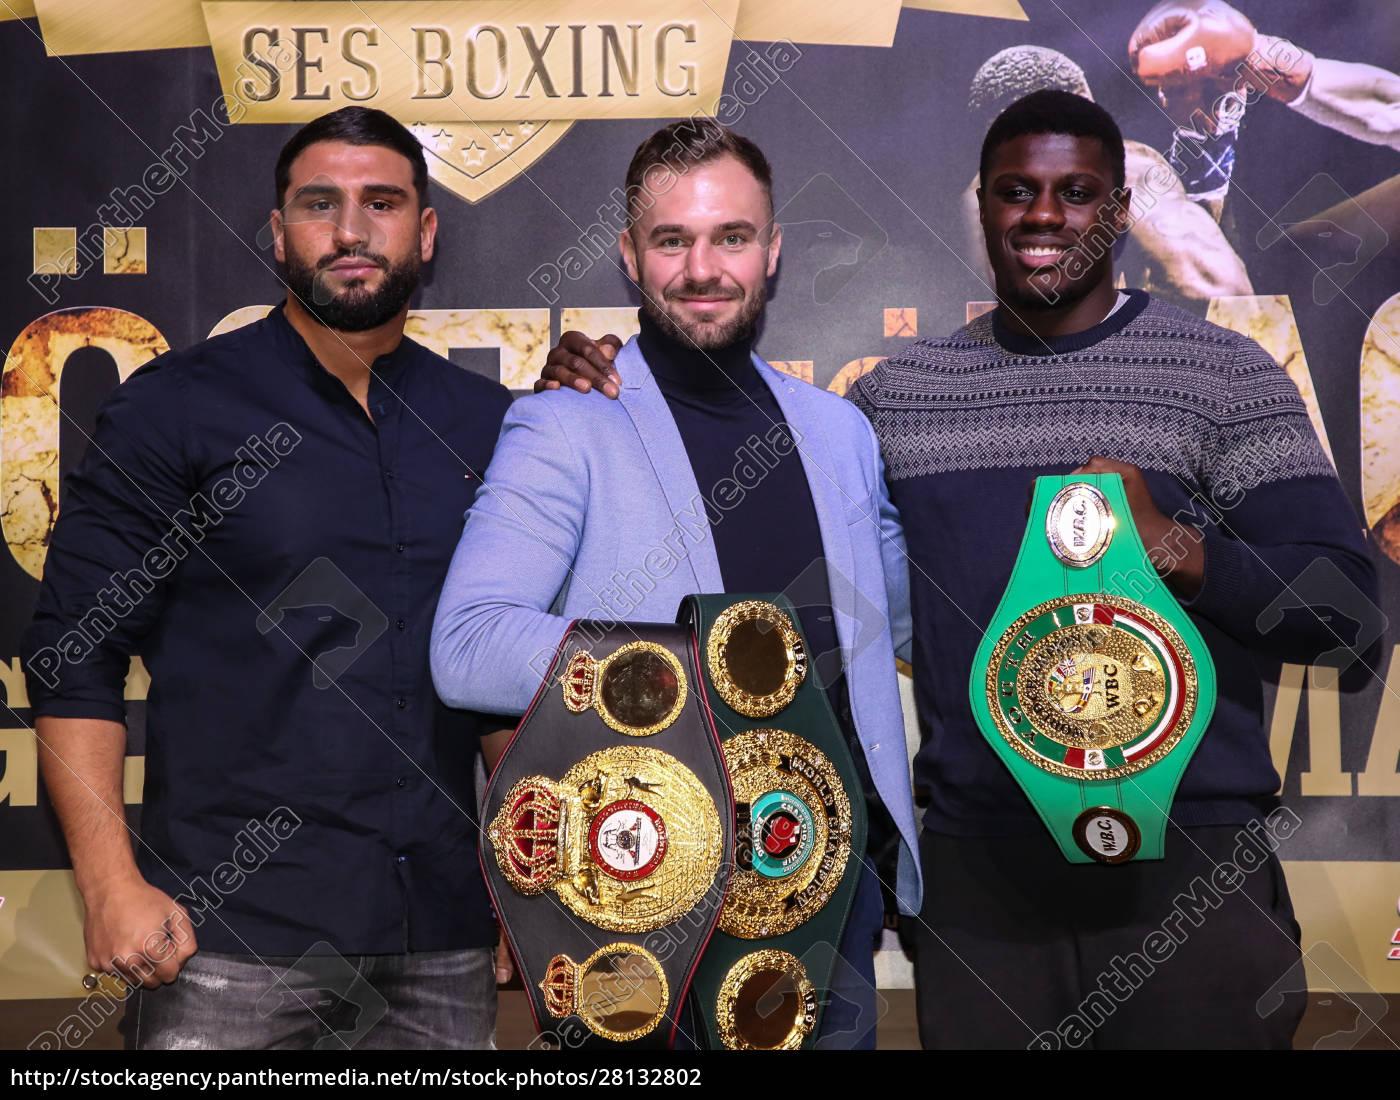 niemiecki, bokser, wagi, ciężkiej, agit, kabayel - 28132802